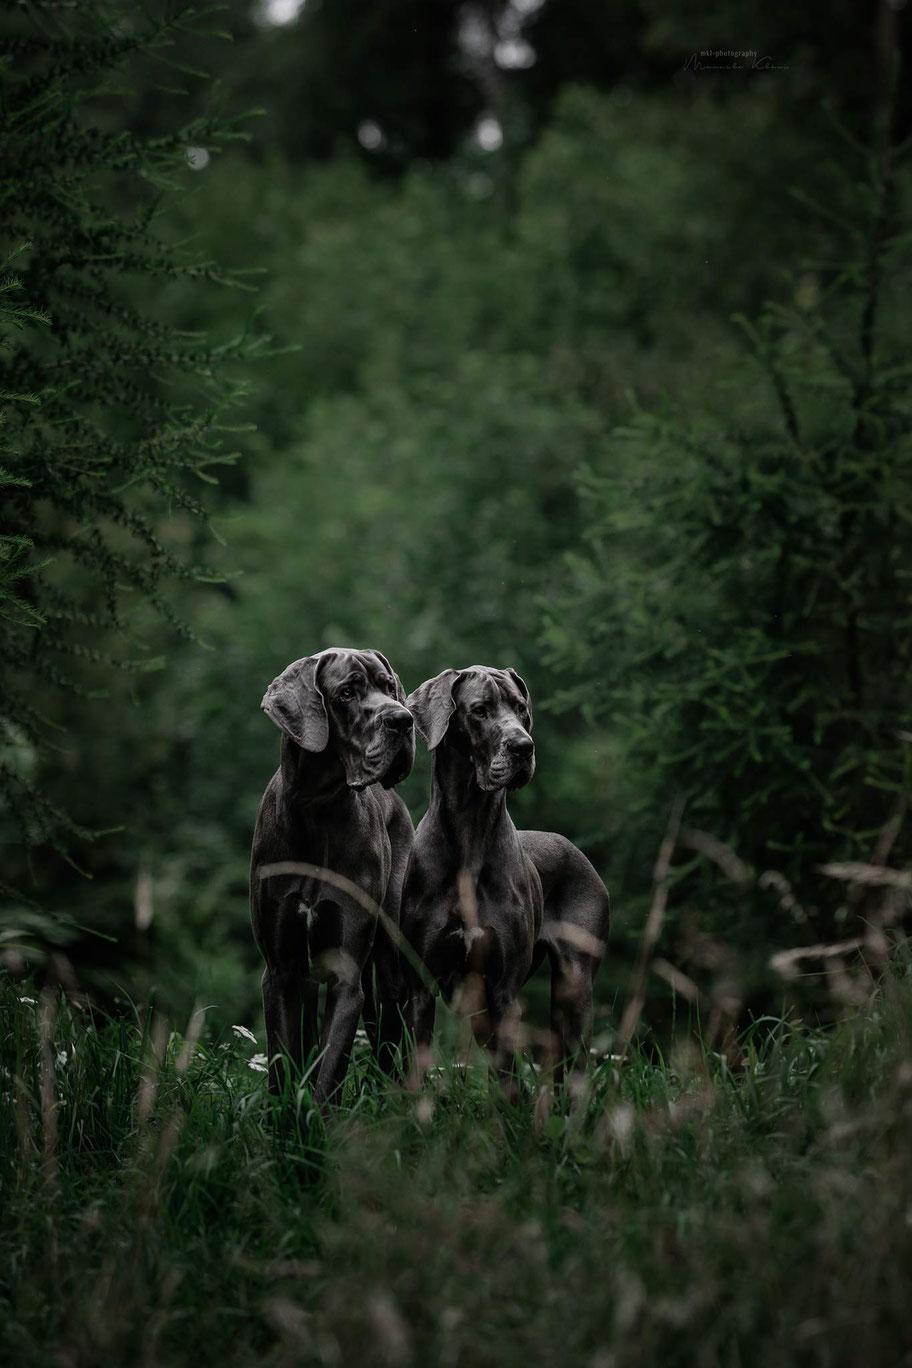 Zwei blaue Doggen stehen zwischen ein paar Tannen auf einer Waldlichtung. Es ist düsteres Wetter und das Fell der Doggen leuchtet.